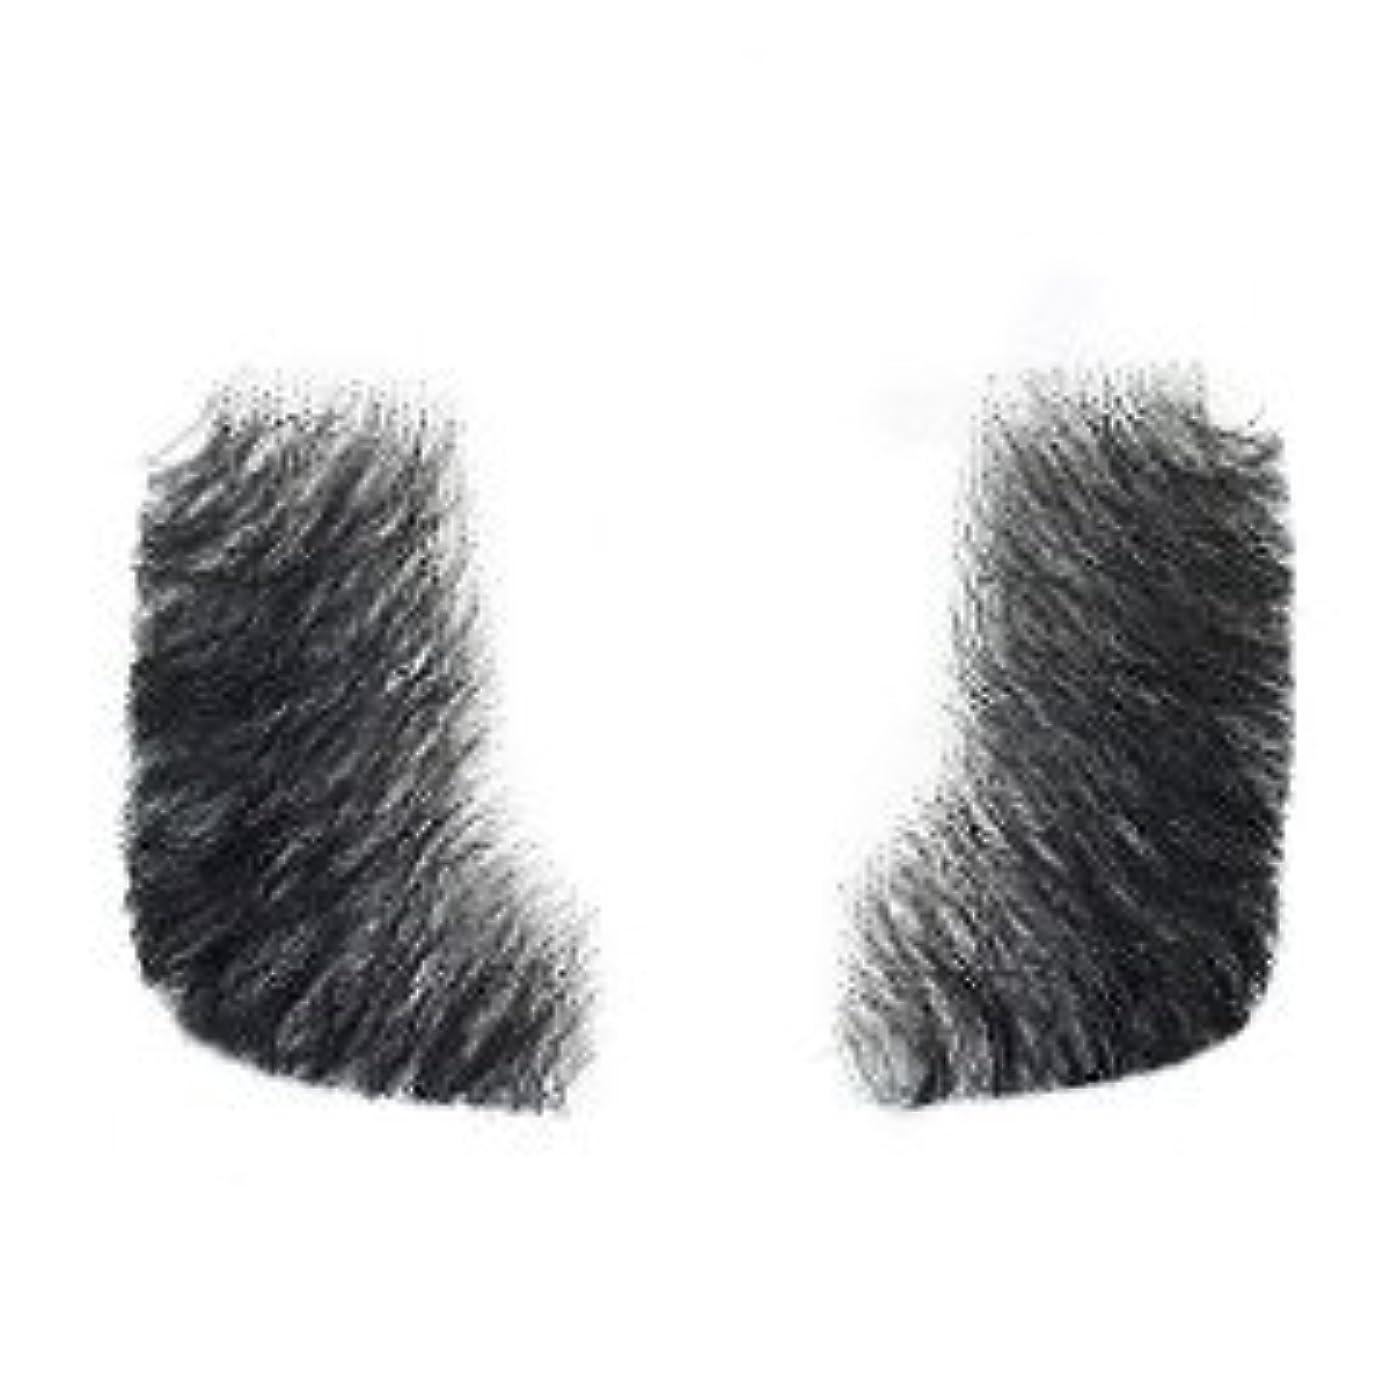 一致する所有者結果Remeehi つけひげ ほほひげ ヒゲ 男性 人毛 仮装 メイクアップ コスプレ パーテイグッズ